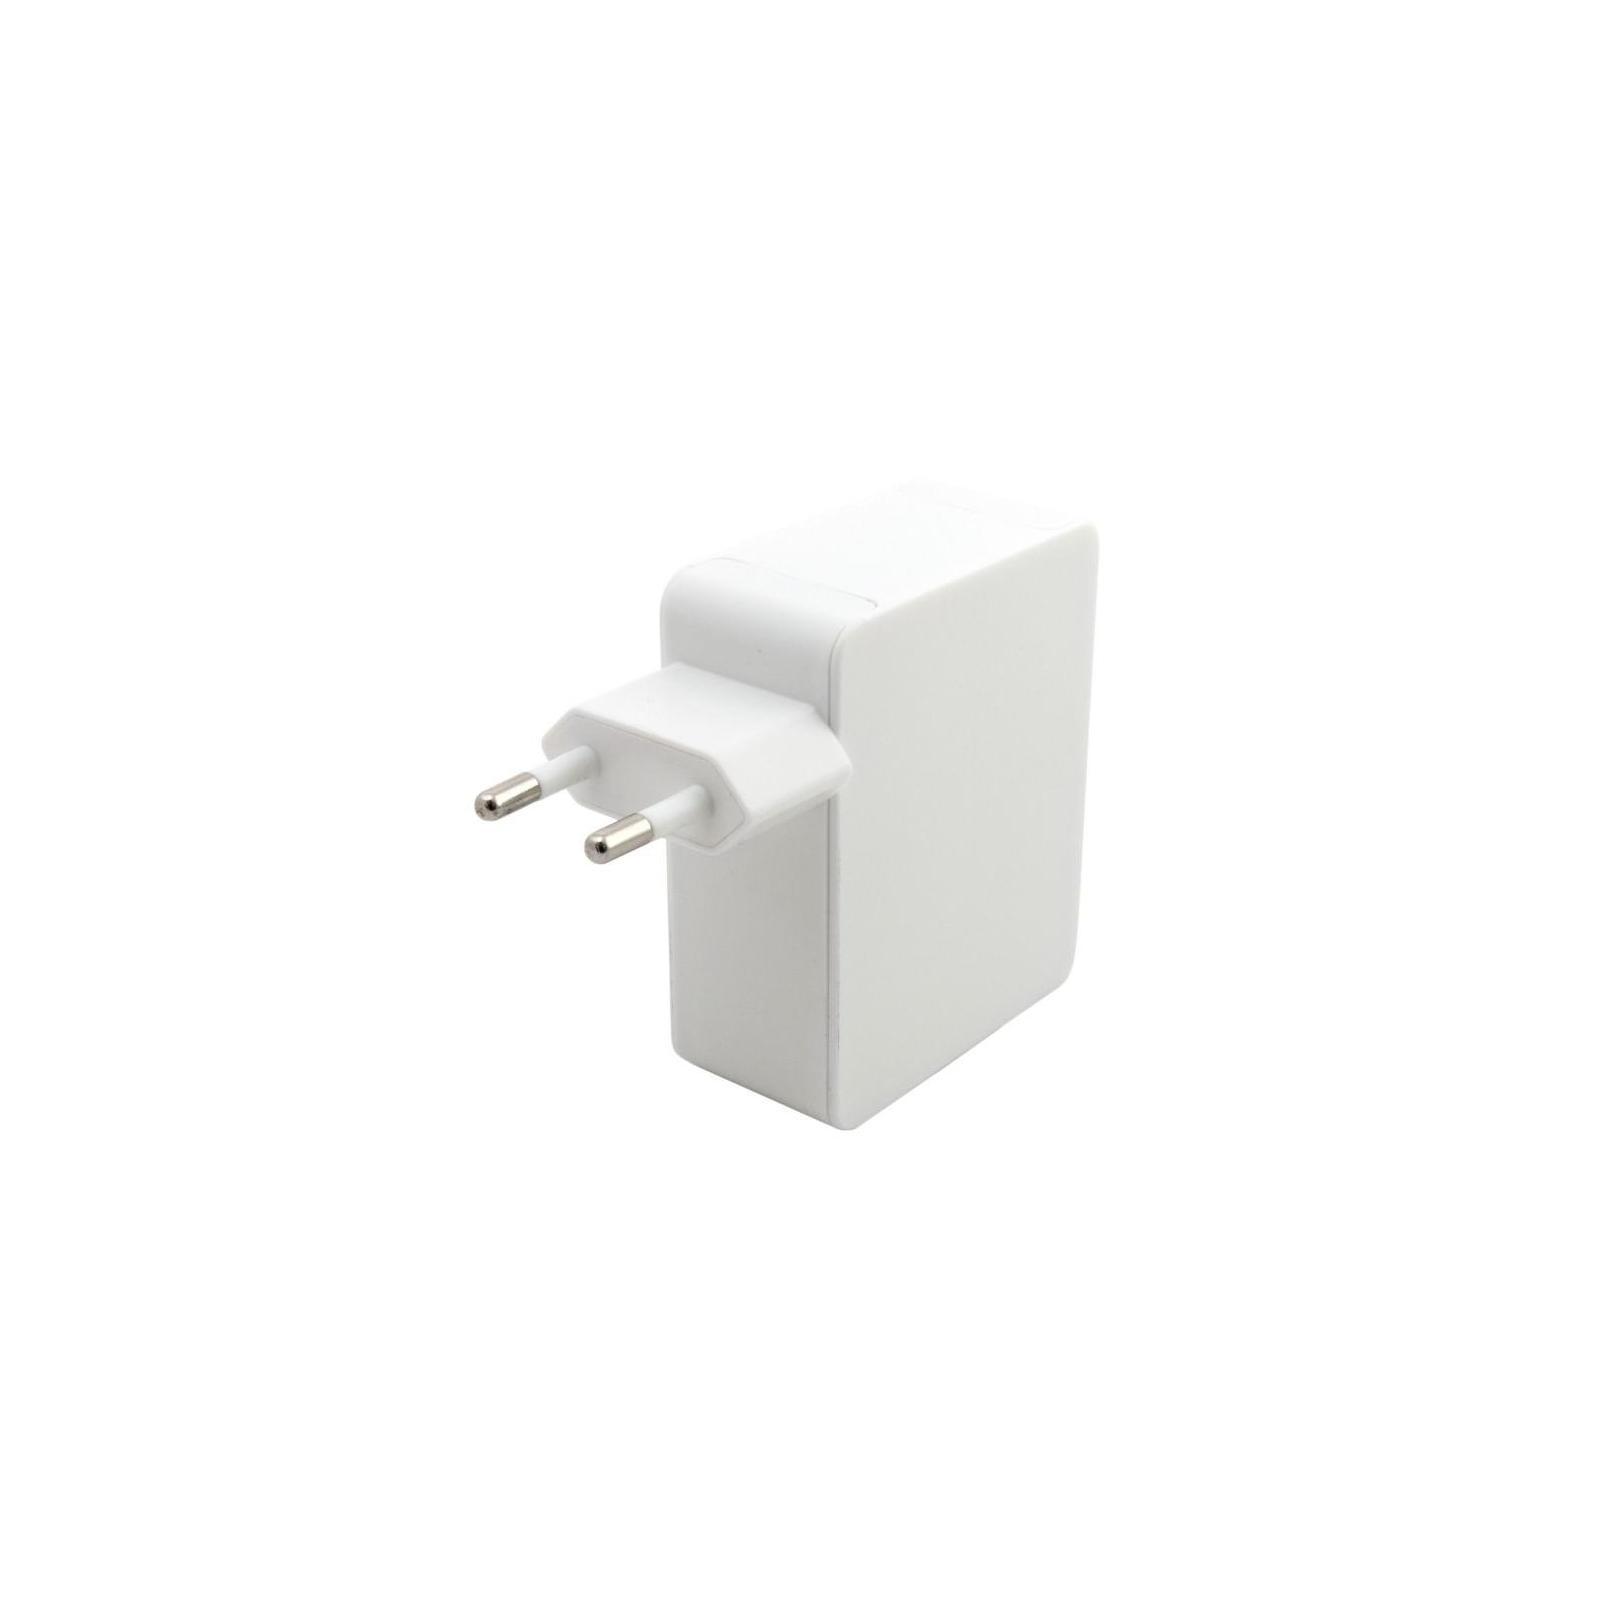 Зарядное устройство Extradigital IQ Charger ED-4U20IC 4*USB, 4A (CUE1527) изображение 6